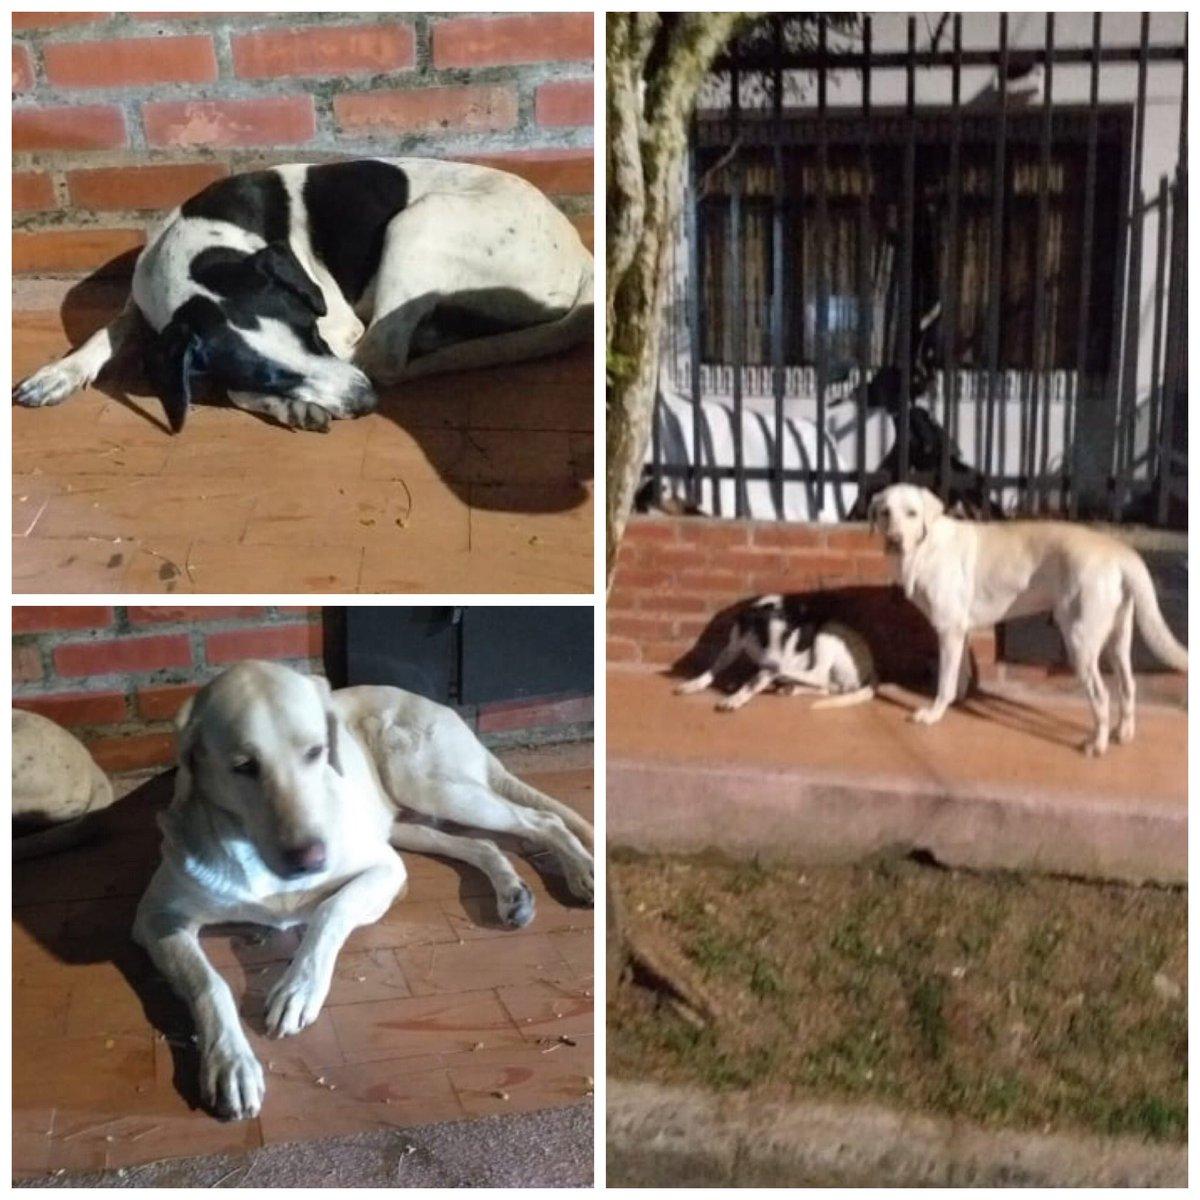 #ReporteEntérateCali Estos dos perritos al parecer se encuentran perdidos en el barrio olimpico en la cra 35. Si alguien los reconoce de inmediato pasen por el sector.